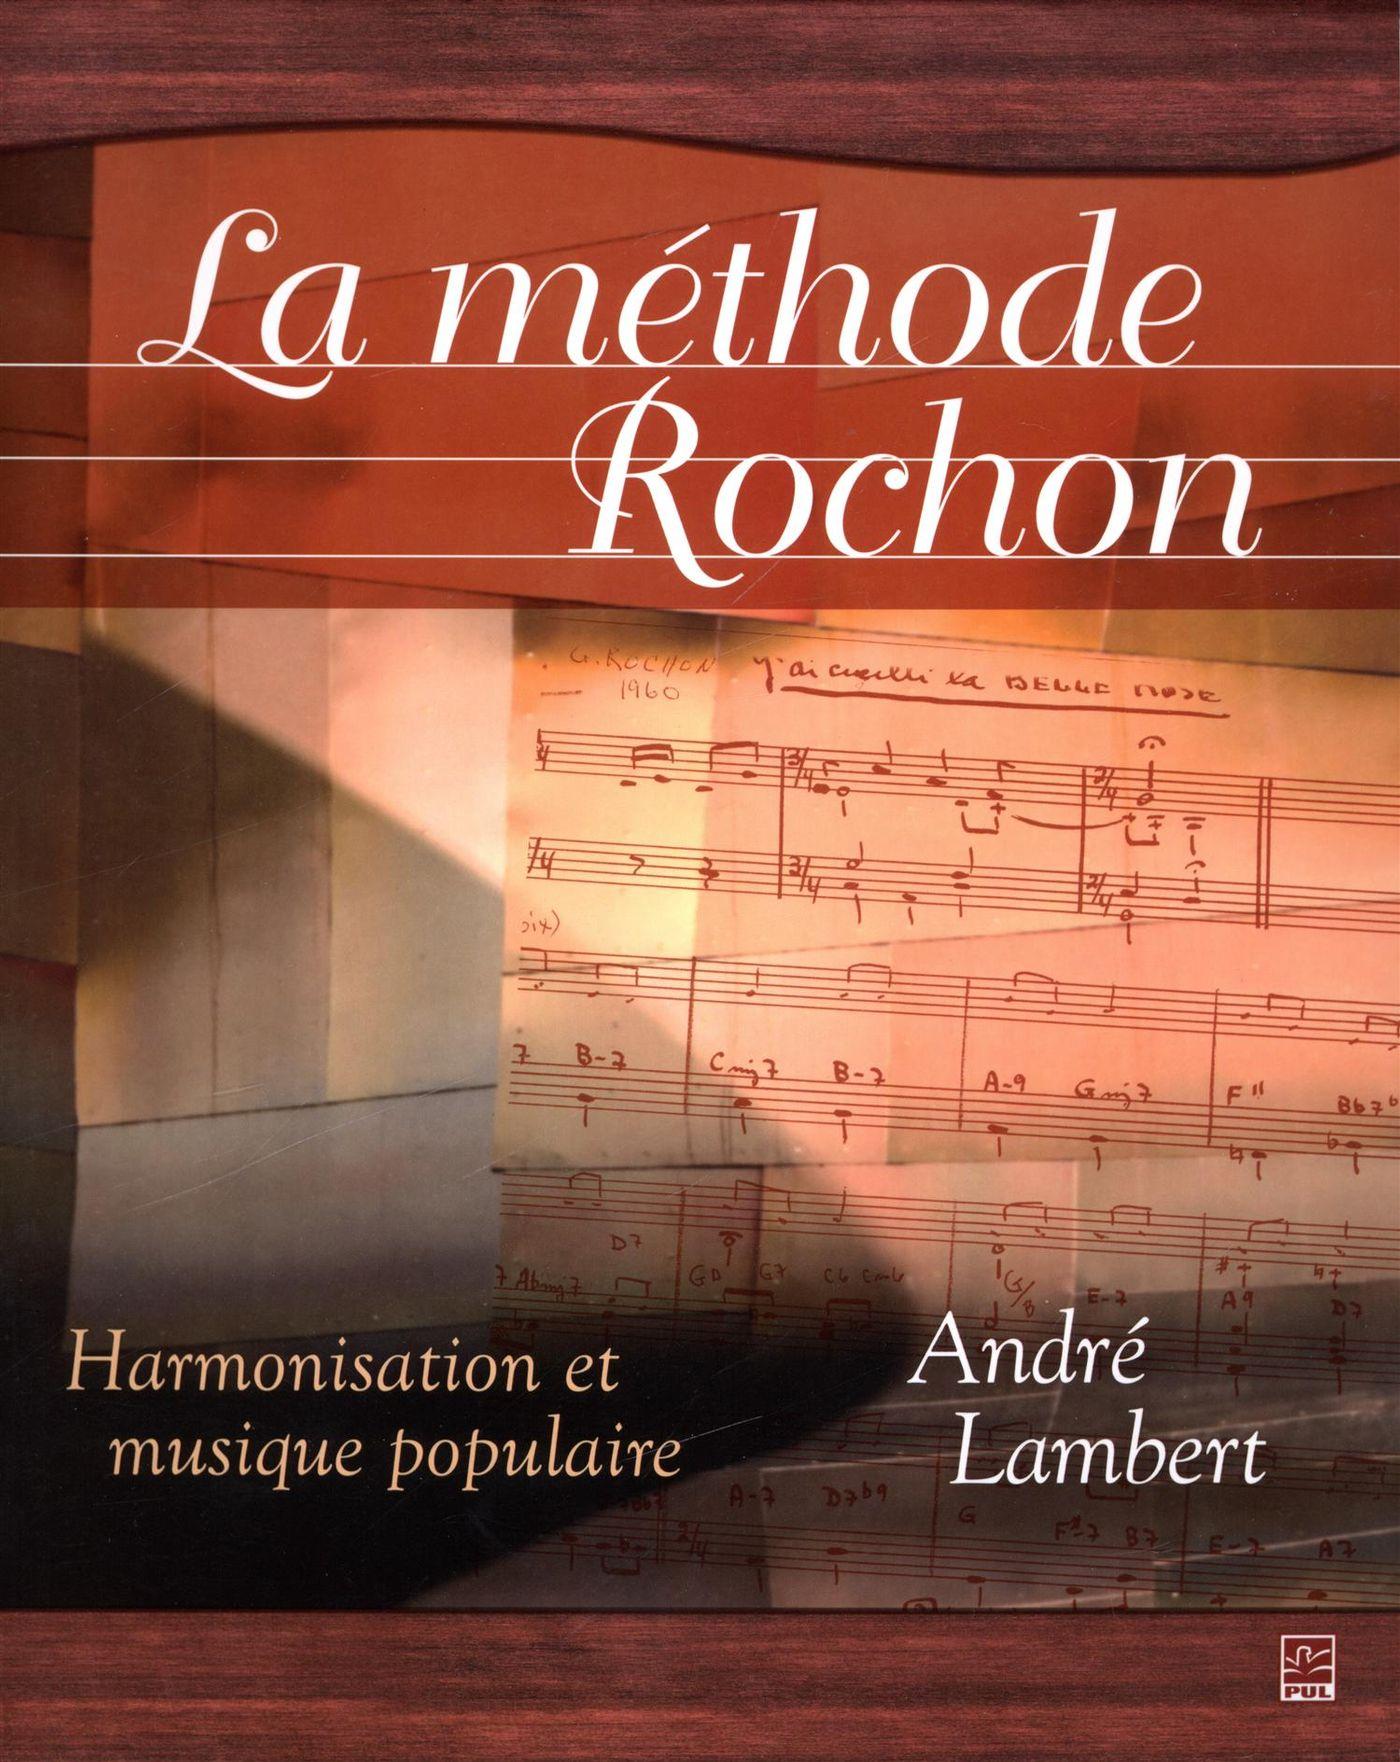 Méthode Rochon La